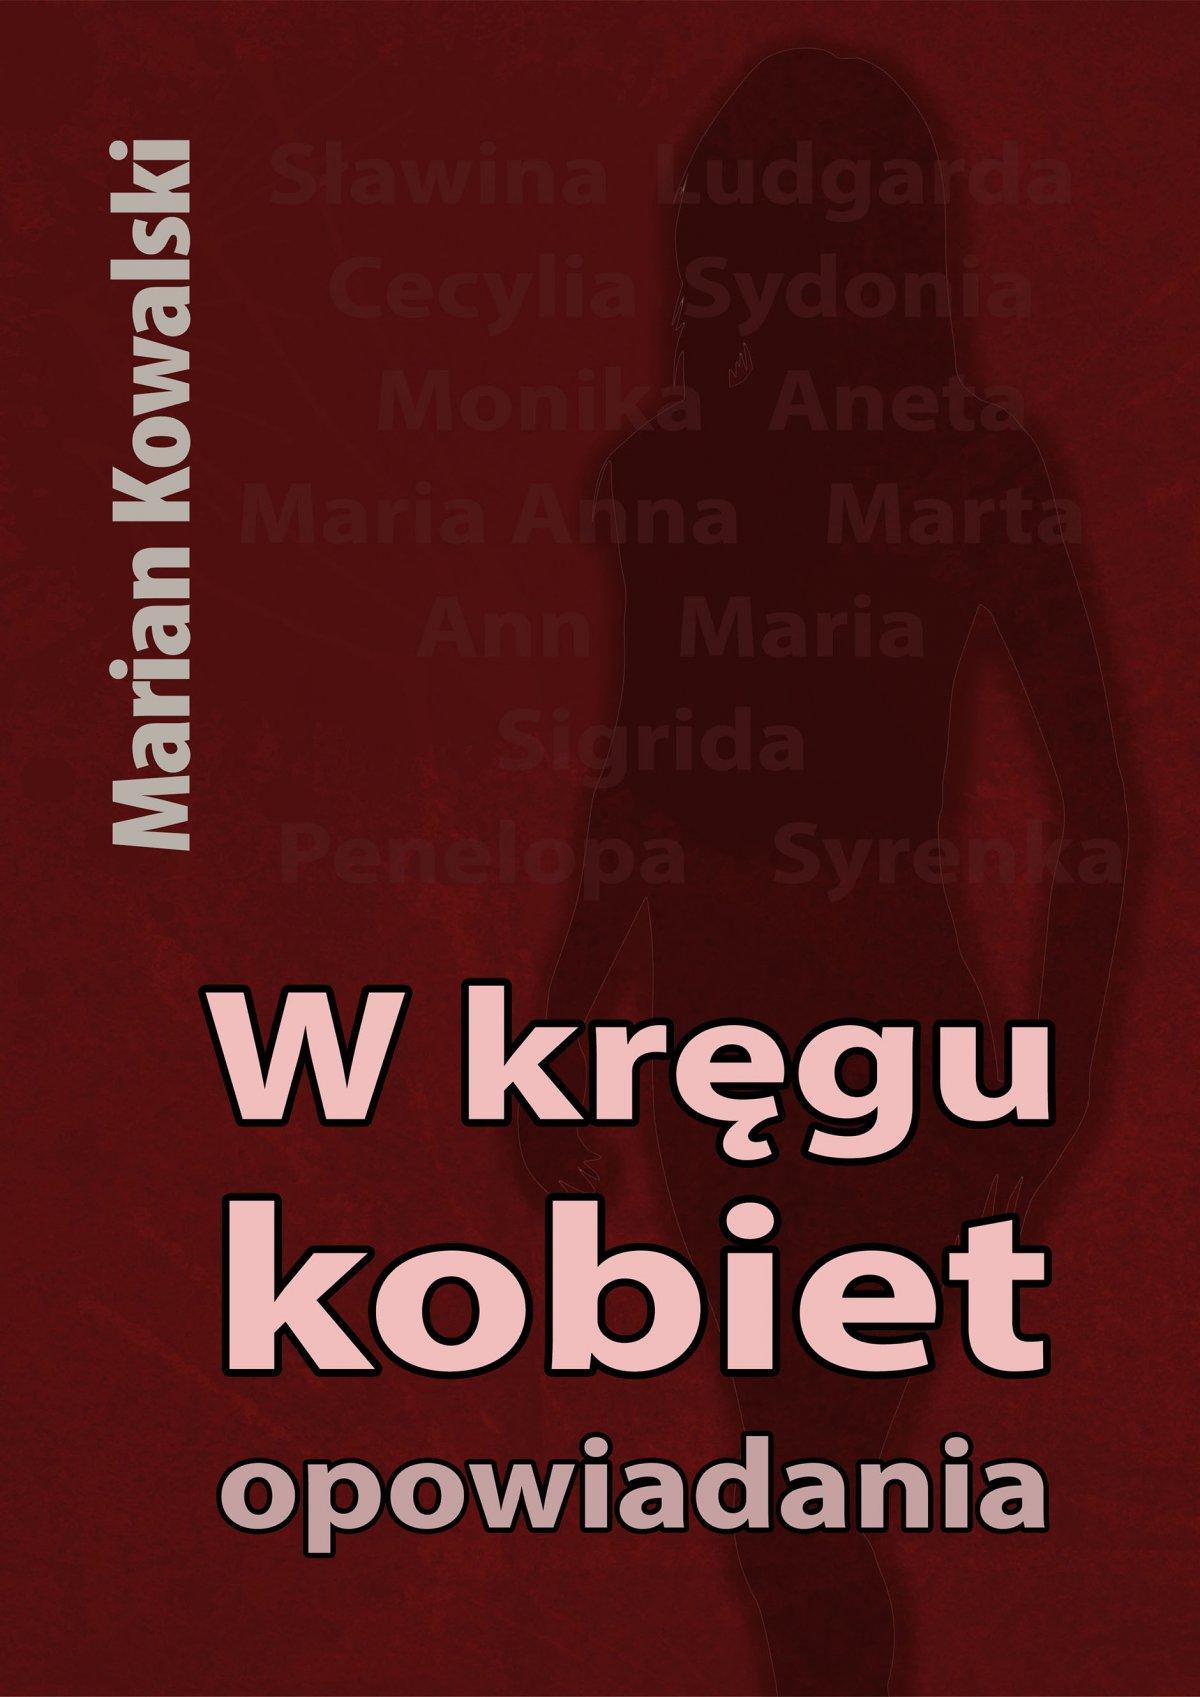 W kręgu kobiet - Ebook (Książka EPUB) do pobrania w formacie EPUB